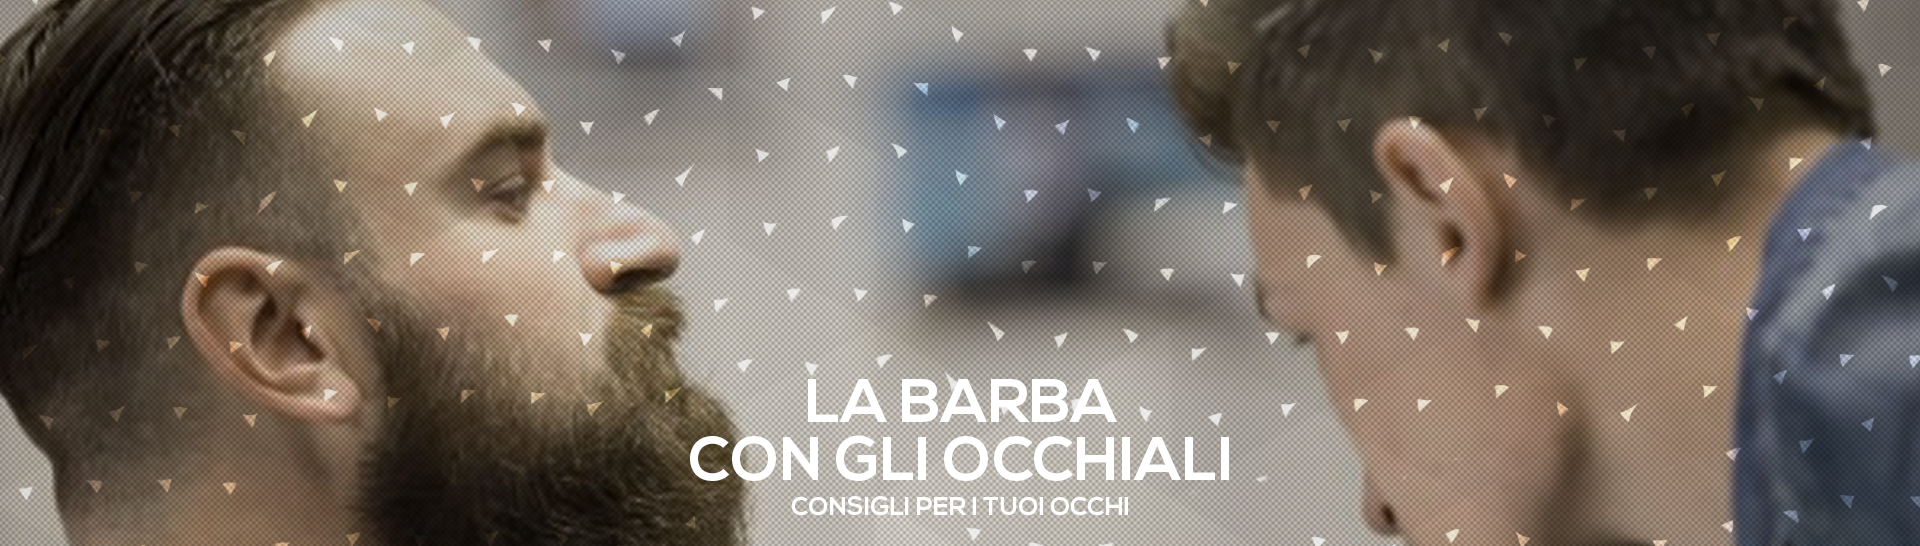 La_Barba_Con_Gli_Occhiali